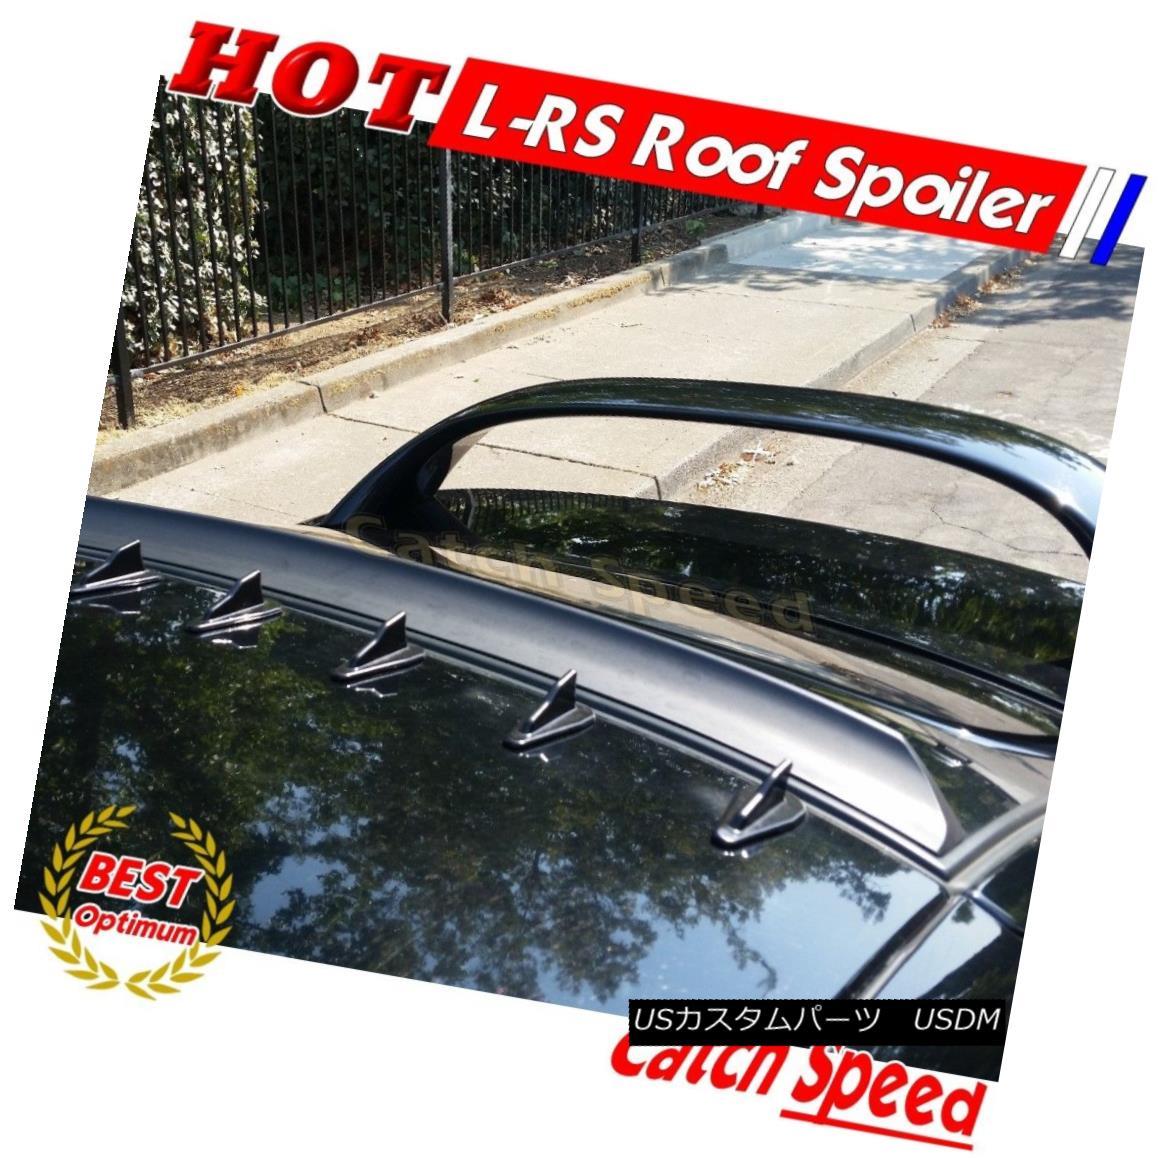 エアロパーツ Flat BlackLRS Type Rear Roof Spoiler Wing For Pontiac G8 GT Sedan 2008-2009 ? Pontiac G8 GT Sedan 2008-2009のフラットブラックLRSタイプリアルーフスポイラーウィング?